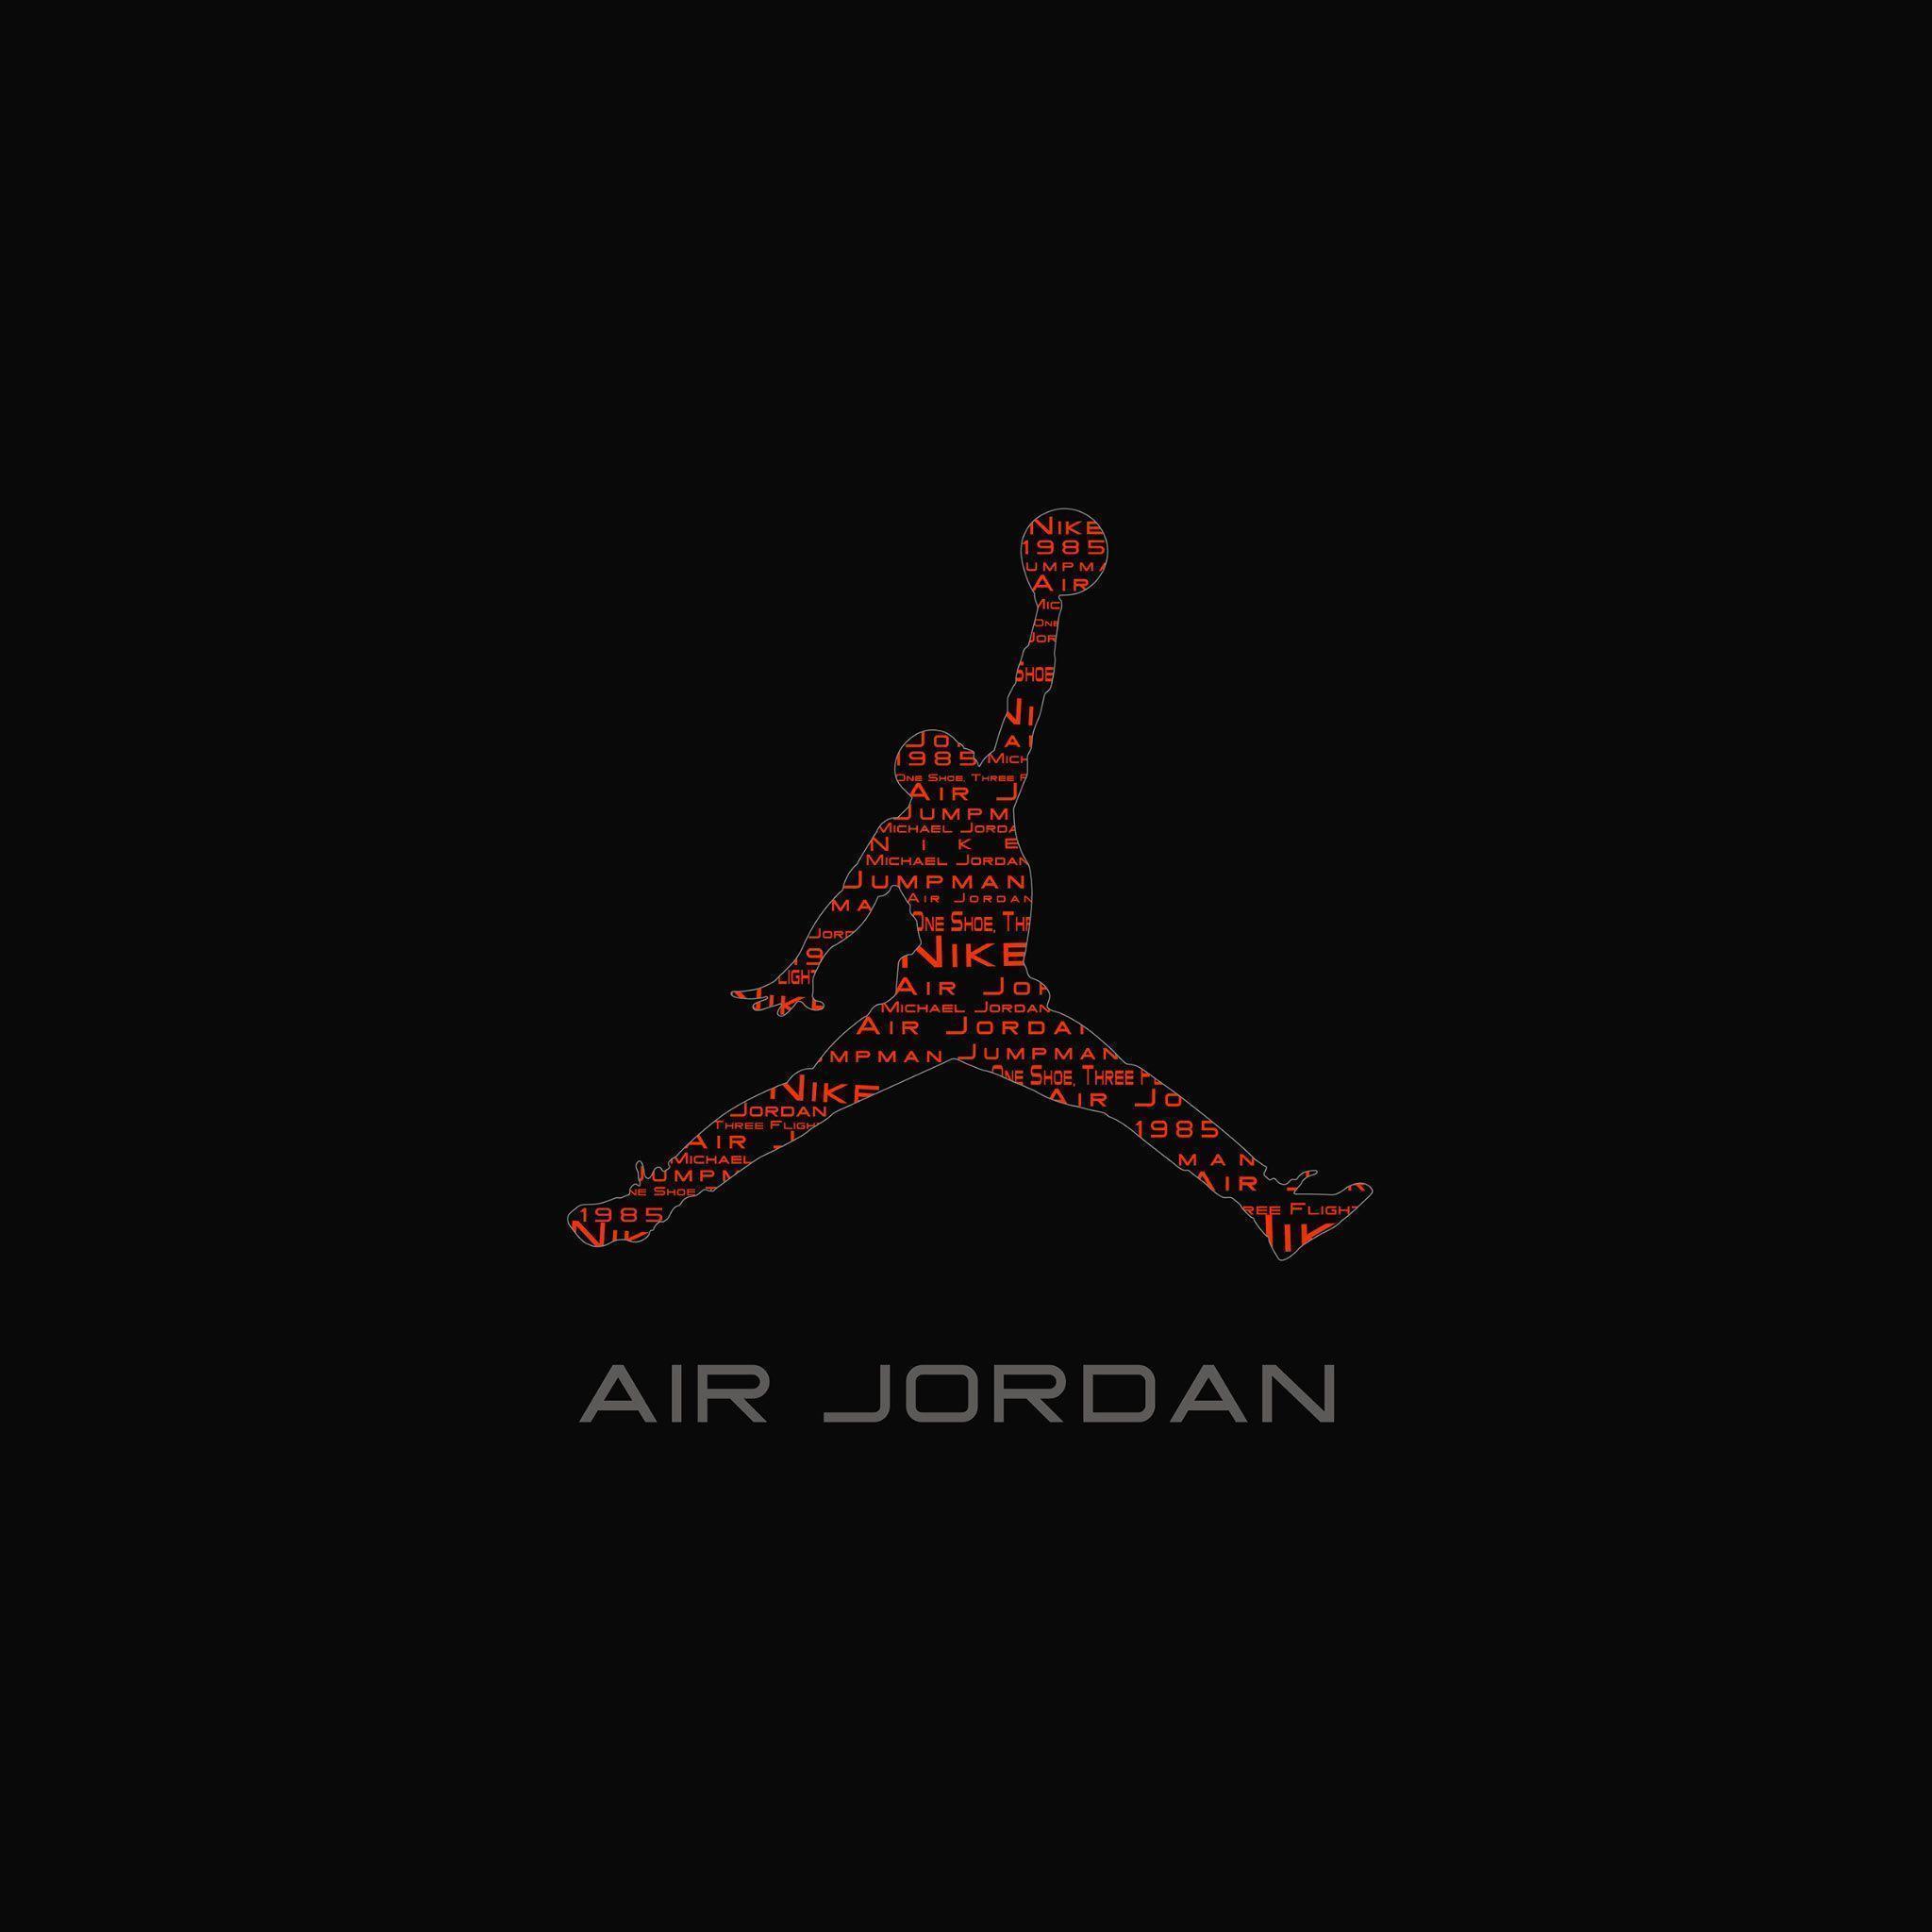 Air Jordan Wallpapers